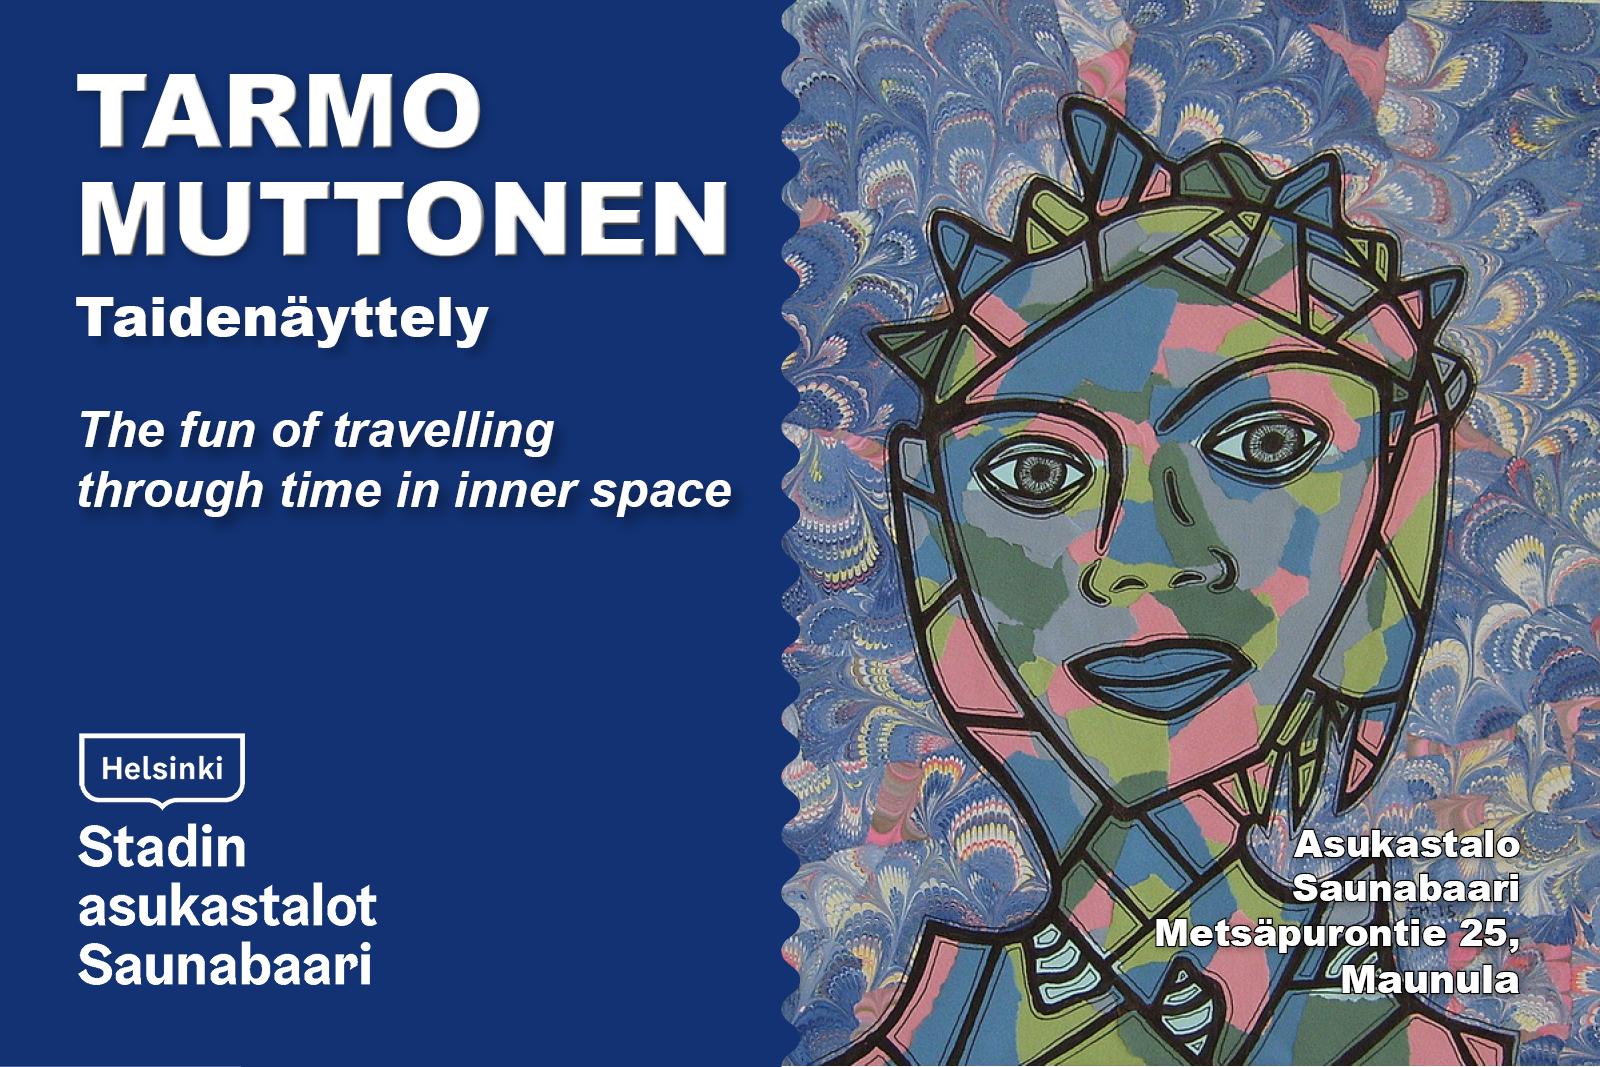 Linkki tapahtumaan TARMO MUTTONEN - taidenäyttely